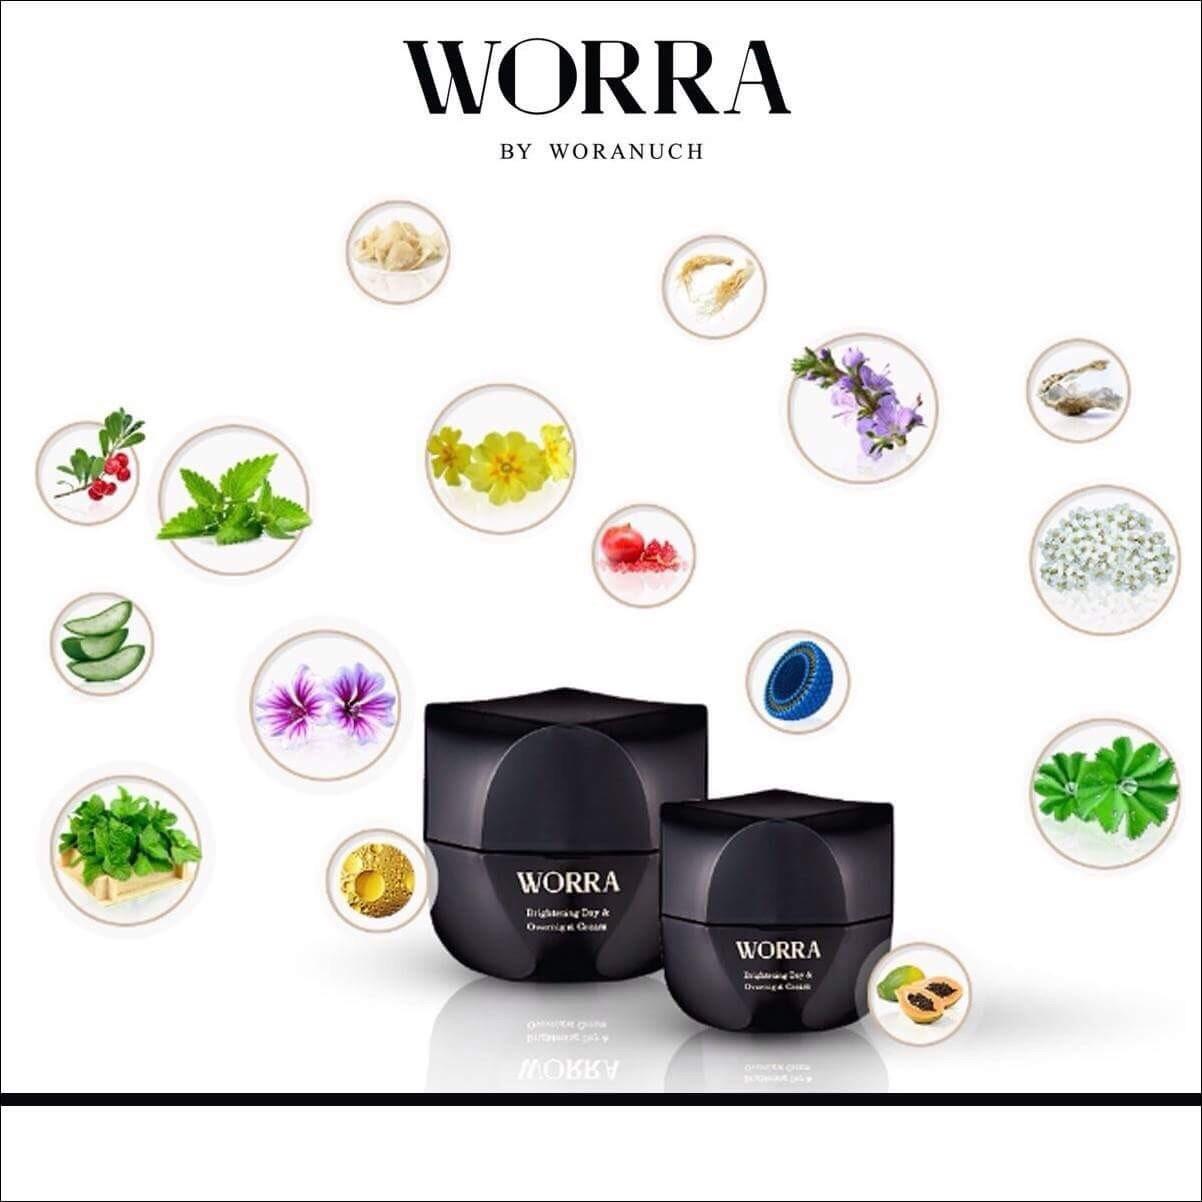 worra by woranuch